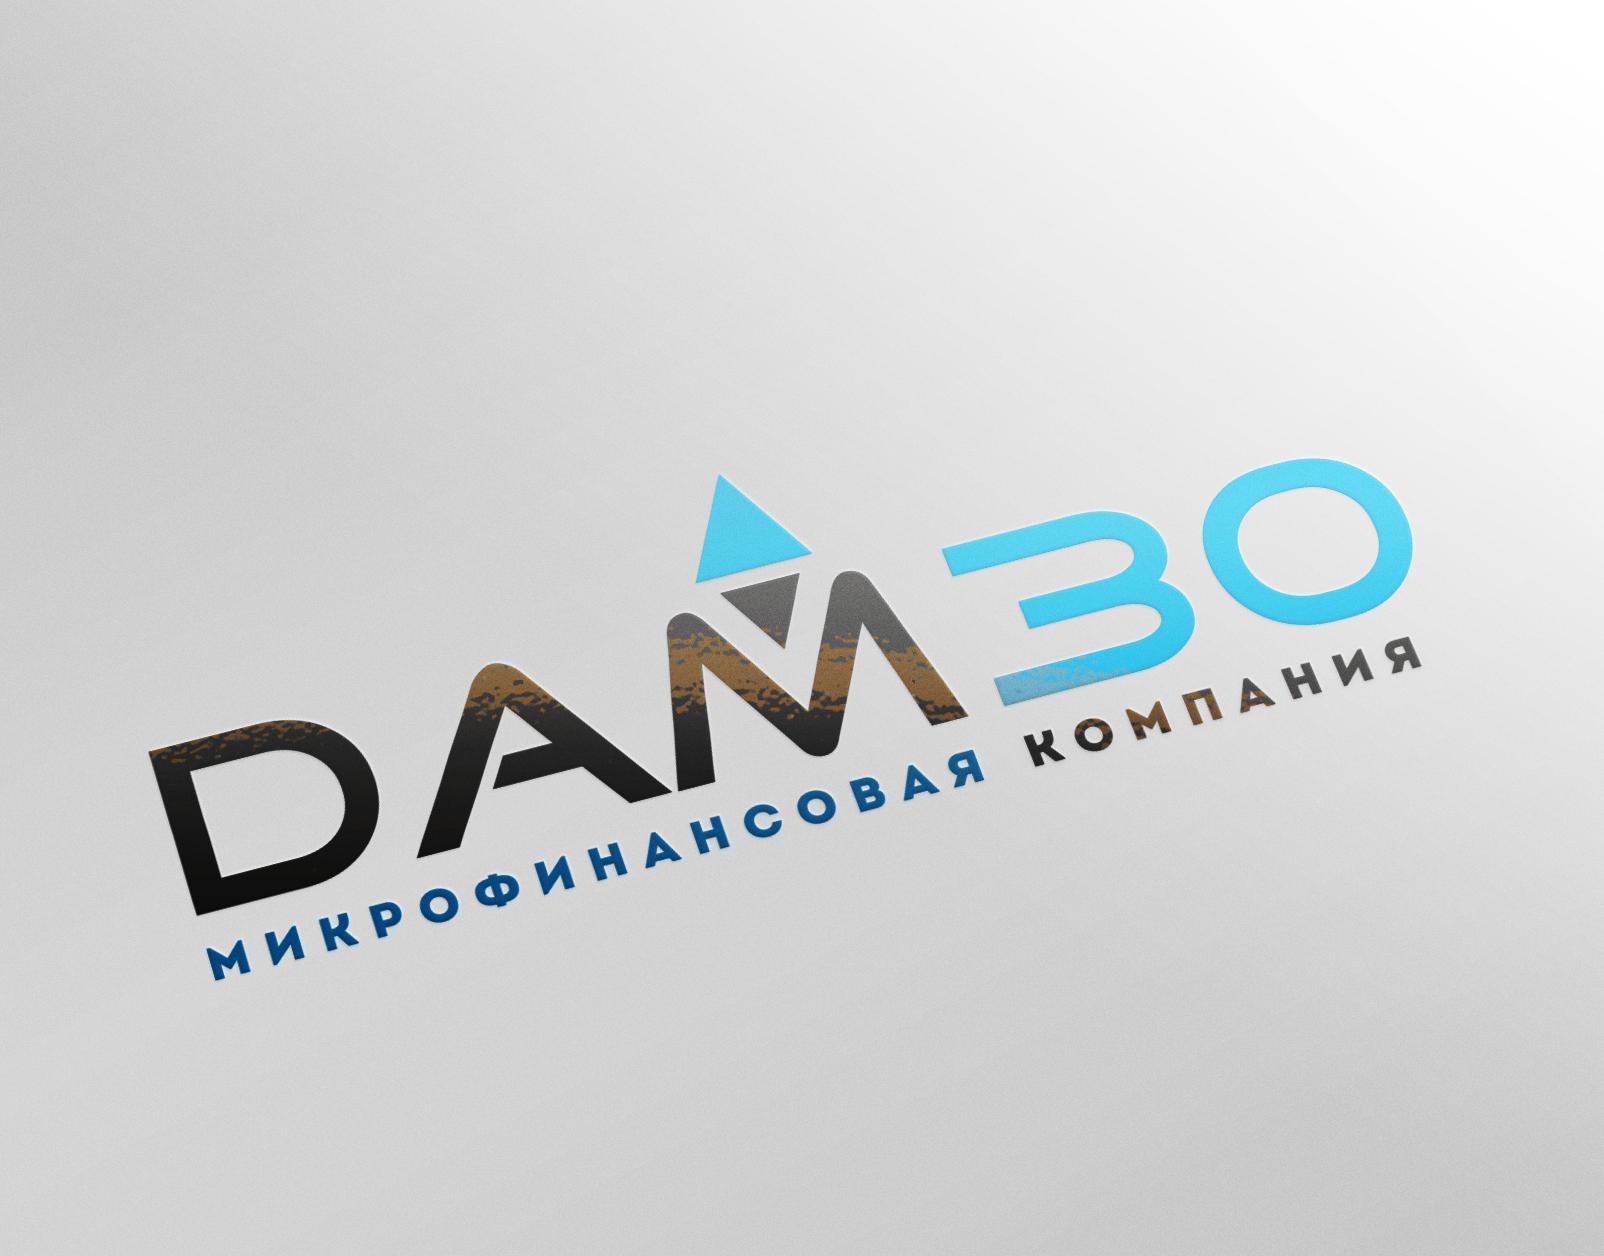 Логотип для микрокредитной, микрофинансовой компании фото f_2135a28e1da3d48a.png